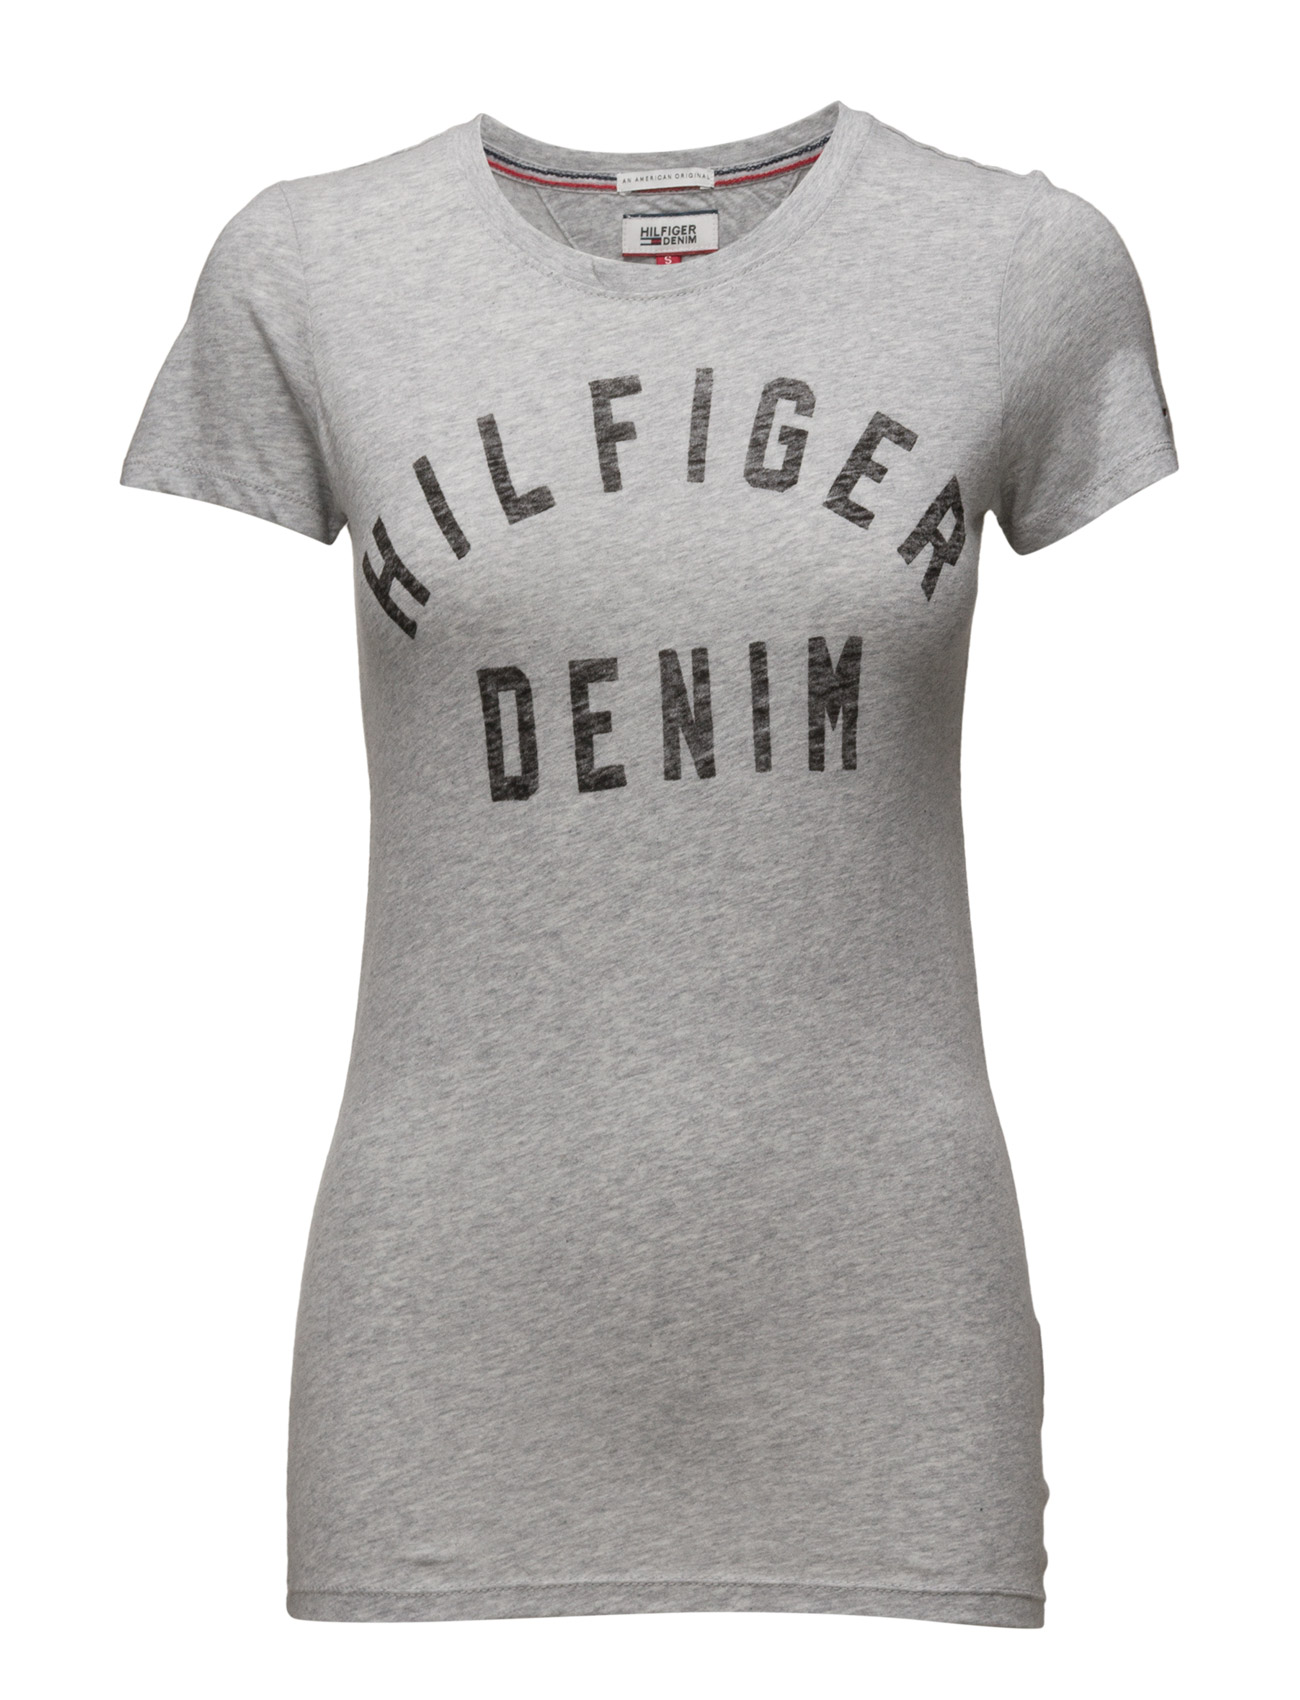 8544503d6f8 Køb Thdw Basic Cn T-Shirt S/S 1 Hilfiger Denim Kortærmede i Lyserød til  Kvinder på nettet